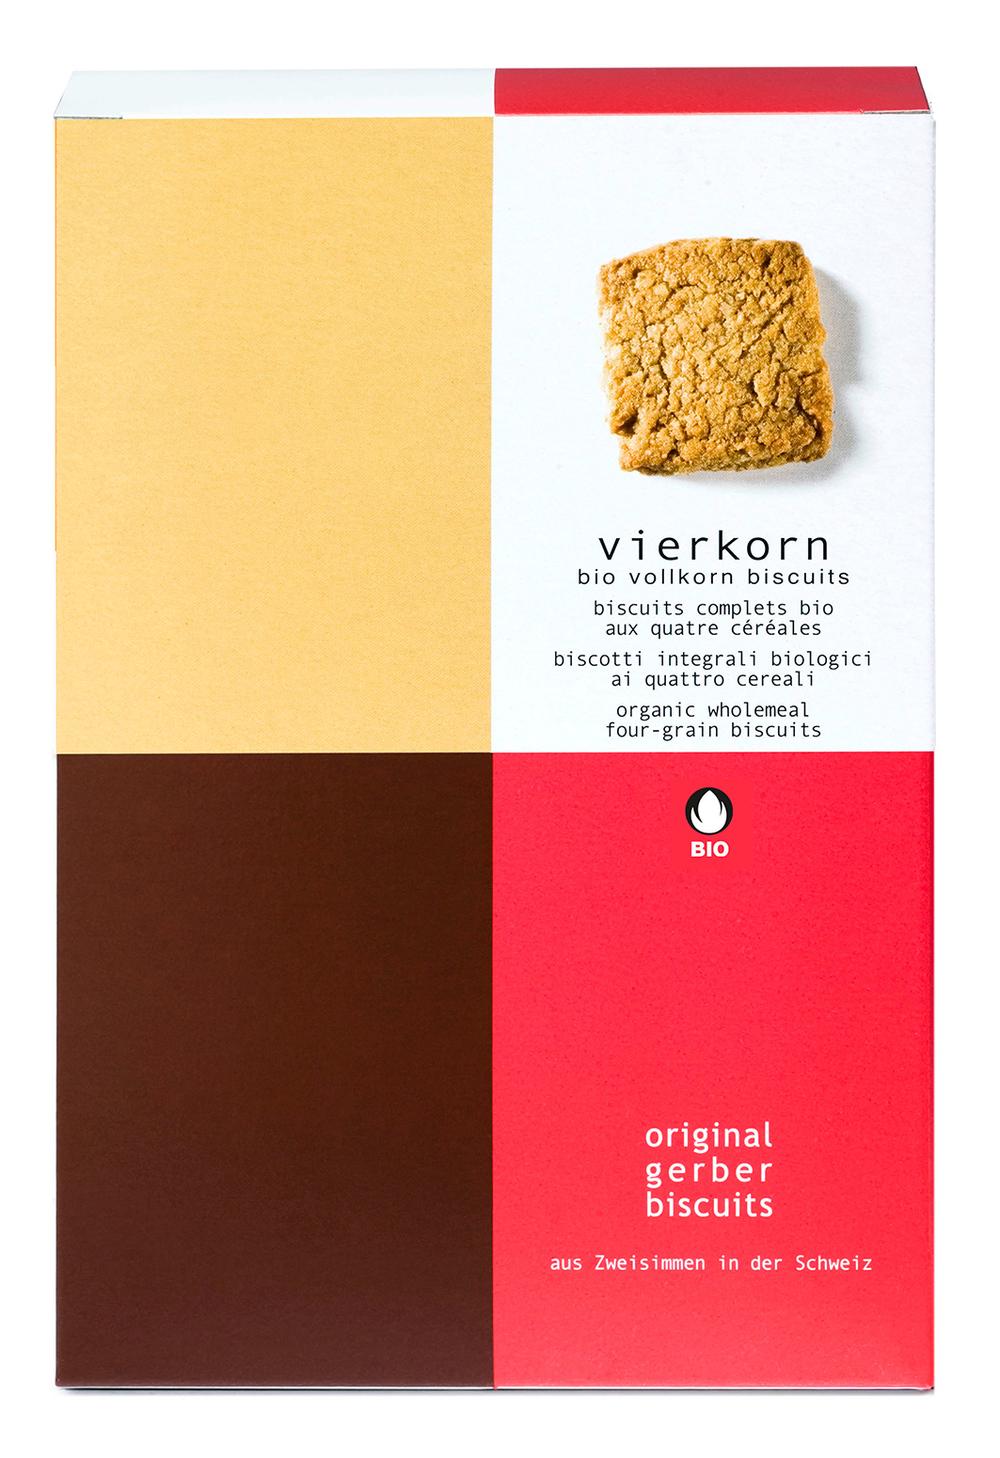 Bio Vierkorn Biscuits